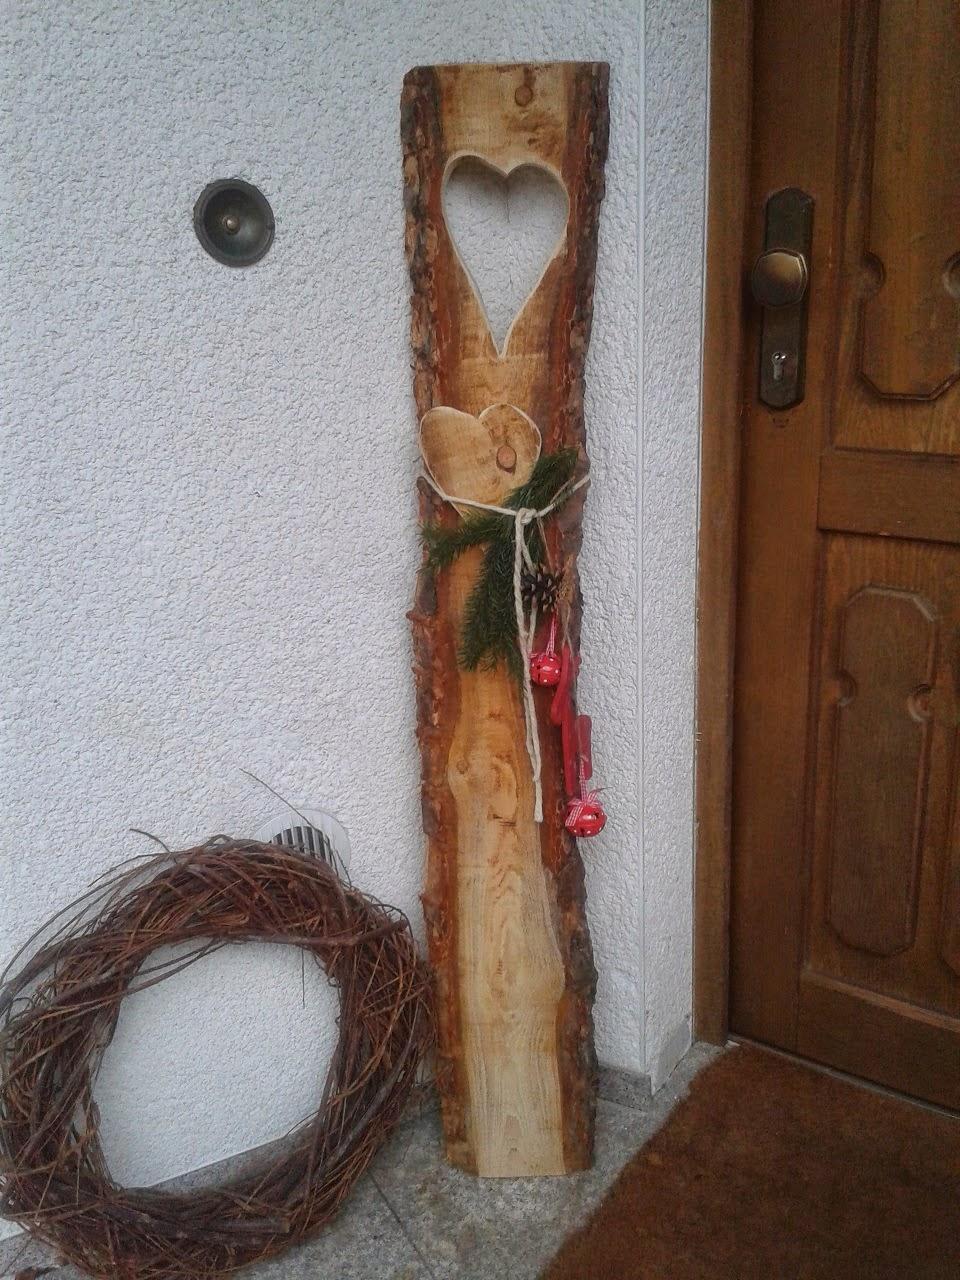 Holz Deko Selber Machen Glänzend On Andere überall Verführerisch Holzdeko 7